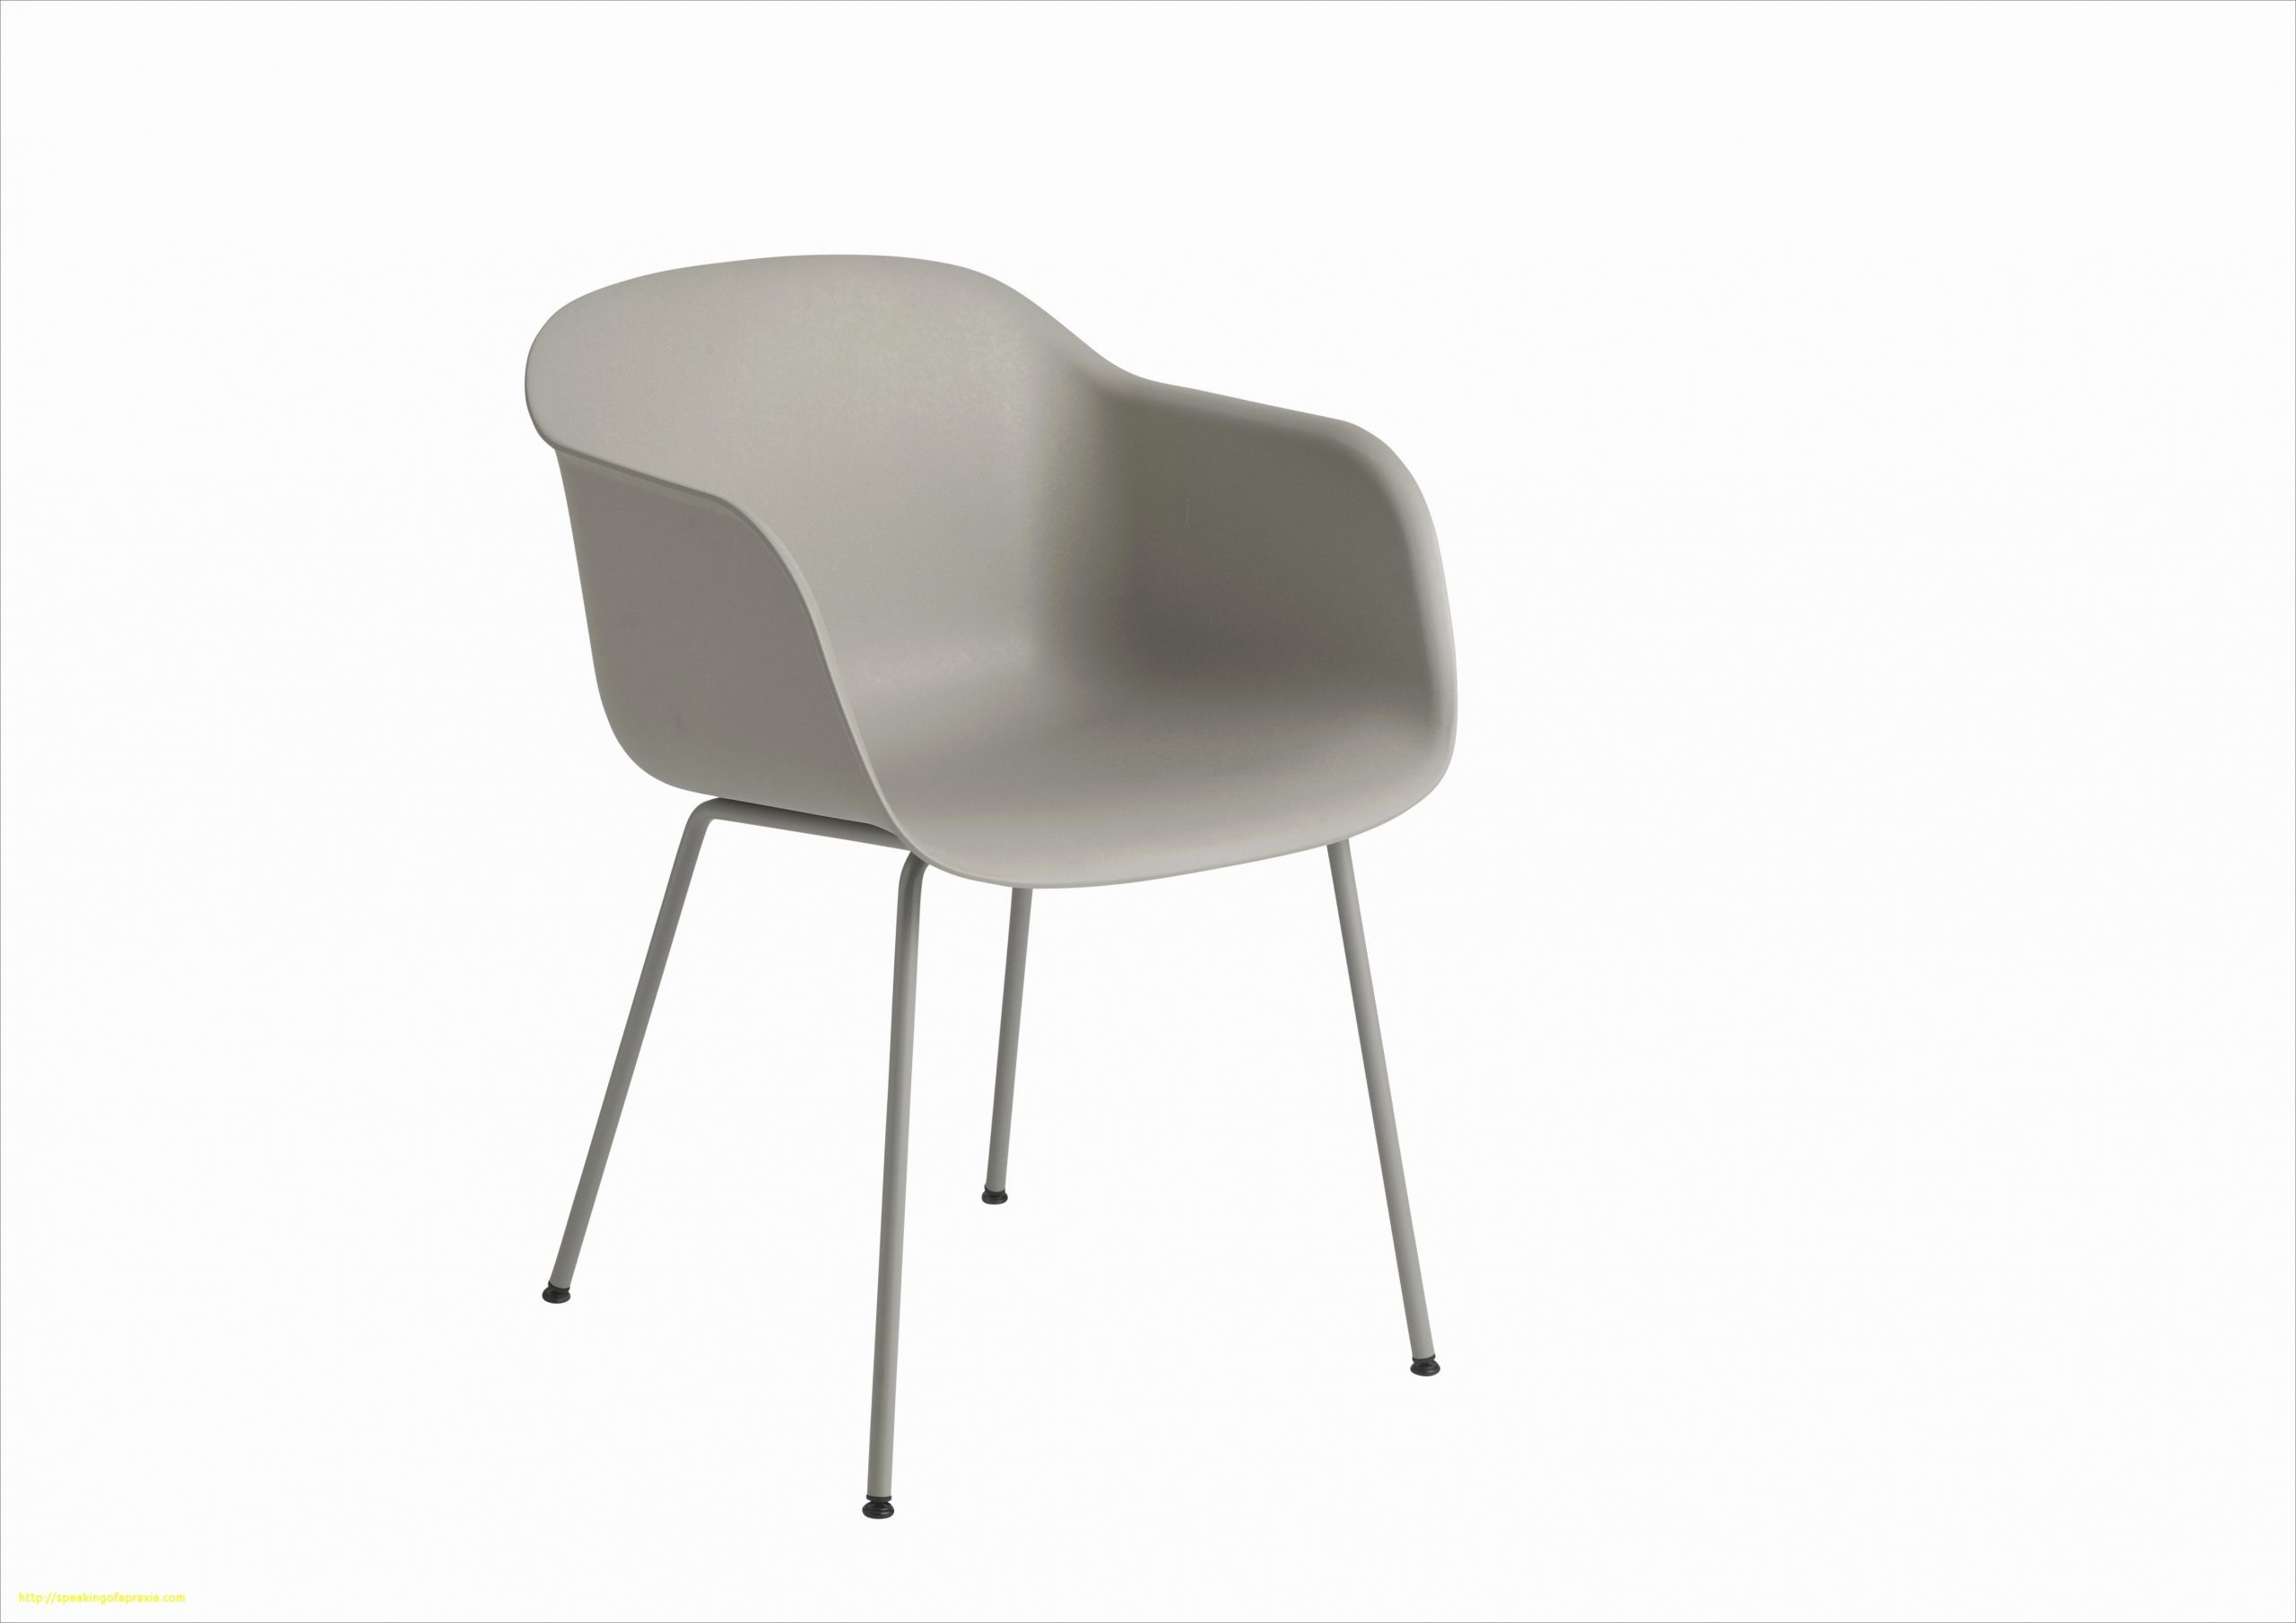 chaises et fauteuils de jardin elegant 0d vintage fauteuil chaise salon frais tissu de table wh9ieyd2 de chaises et fauteuils de jardin scaled